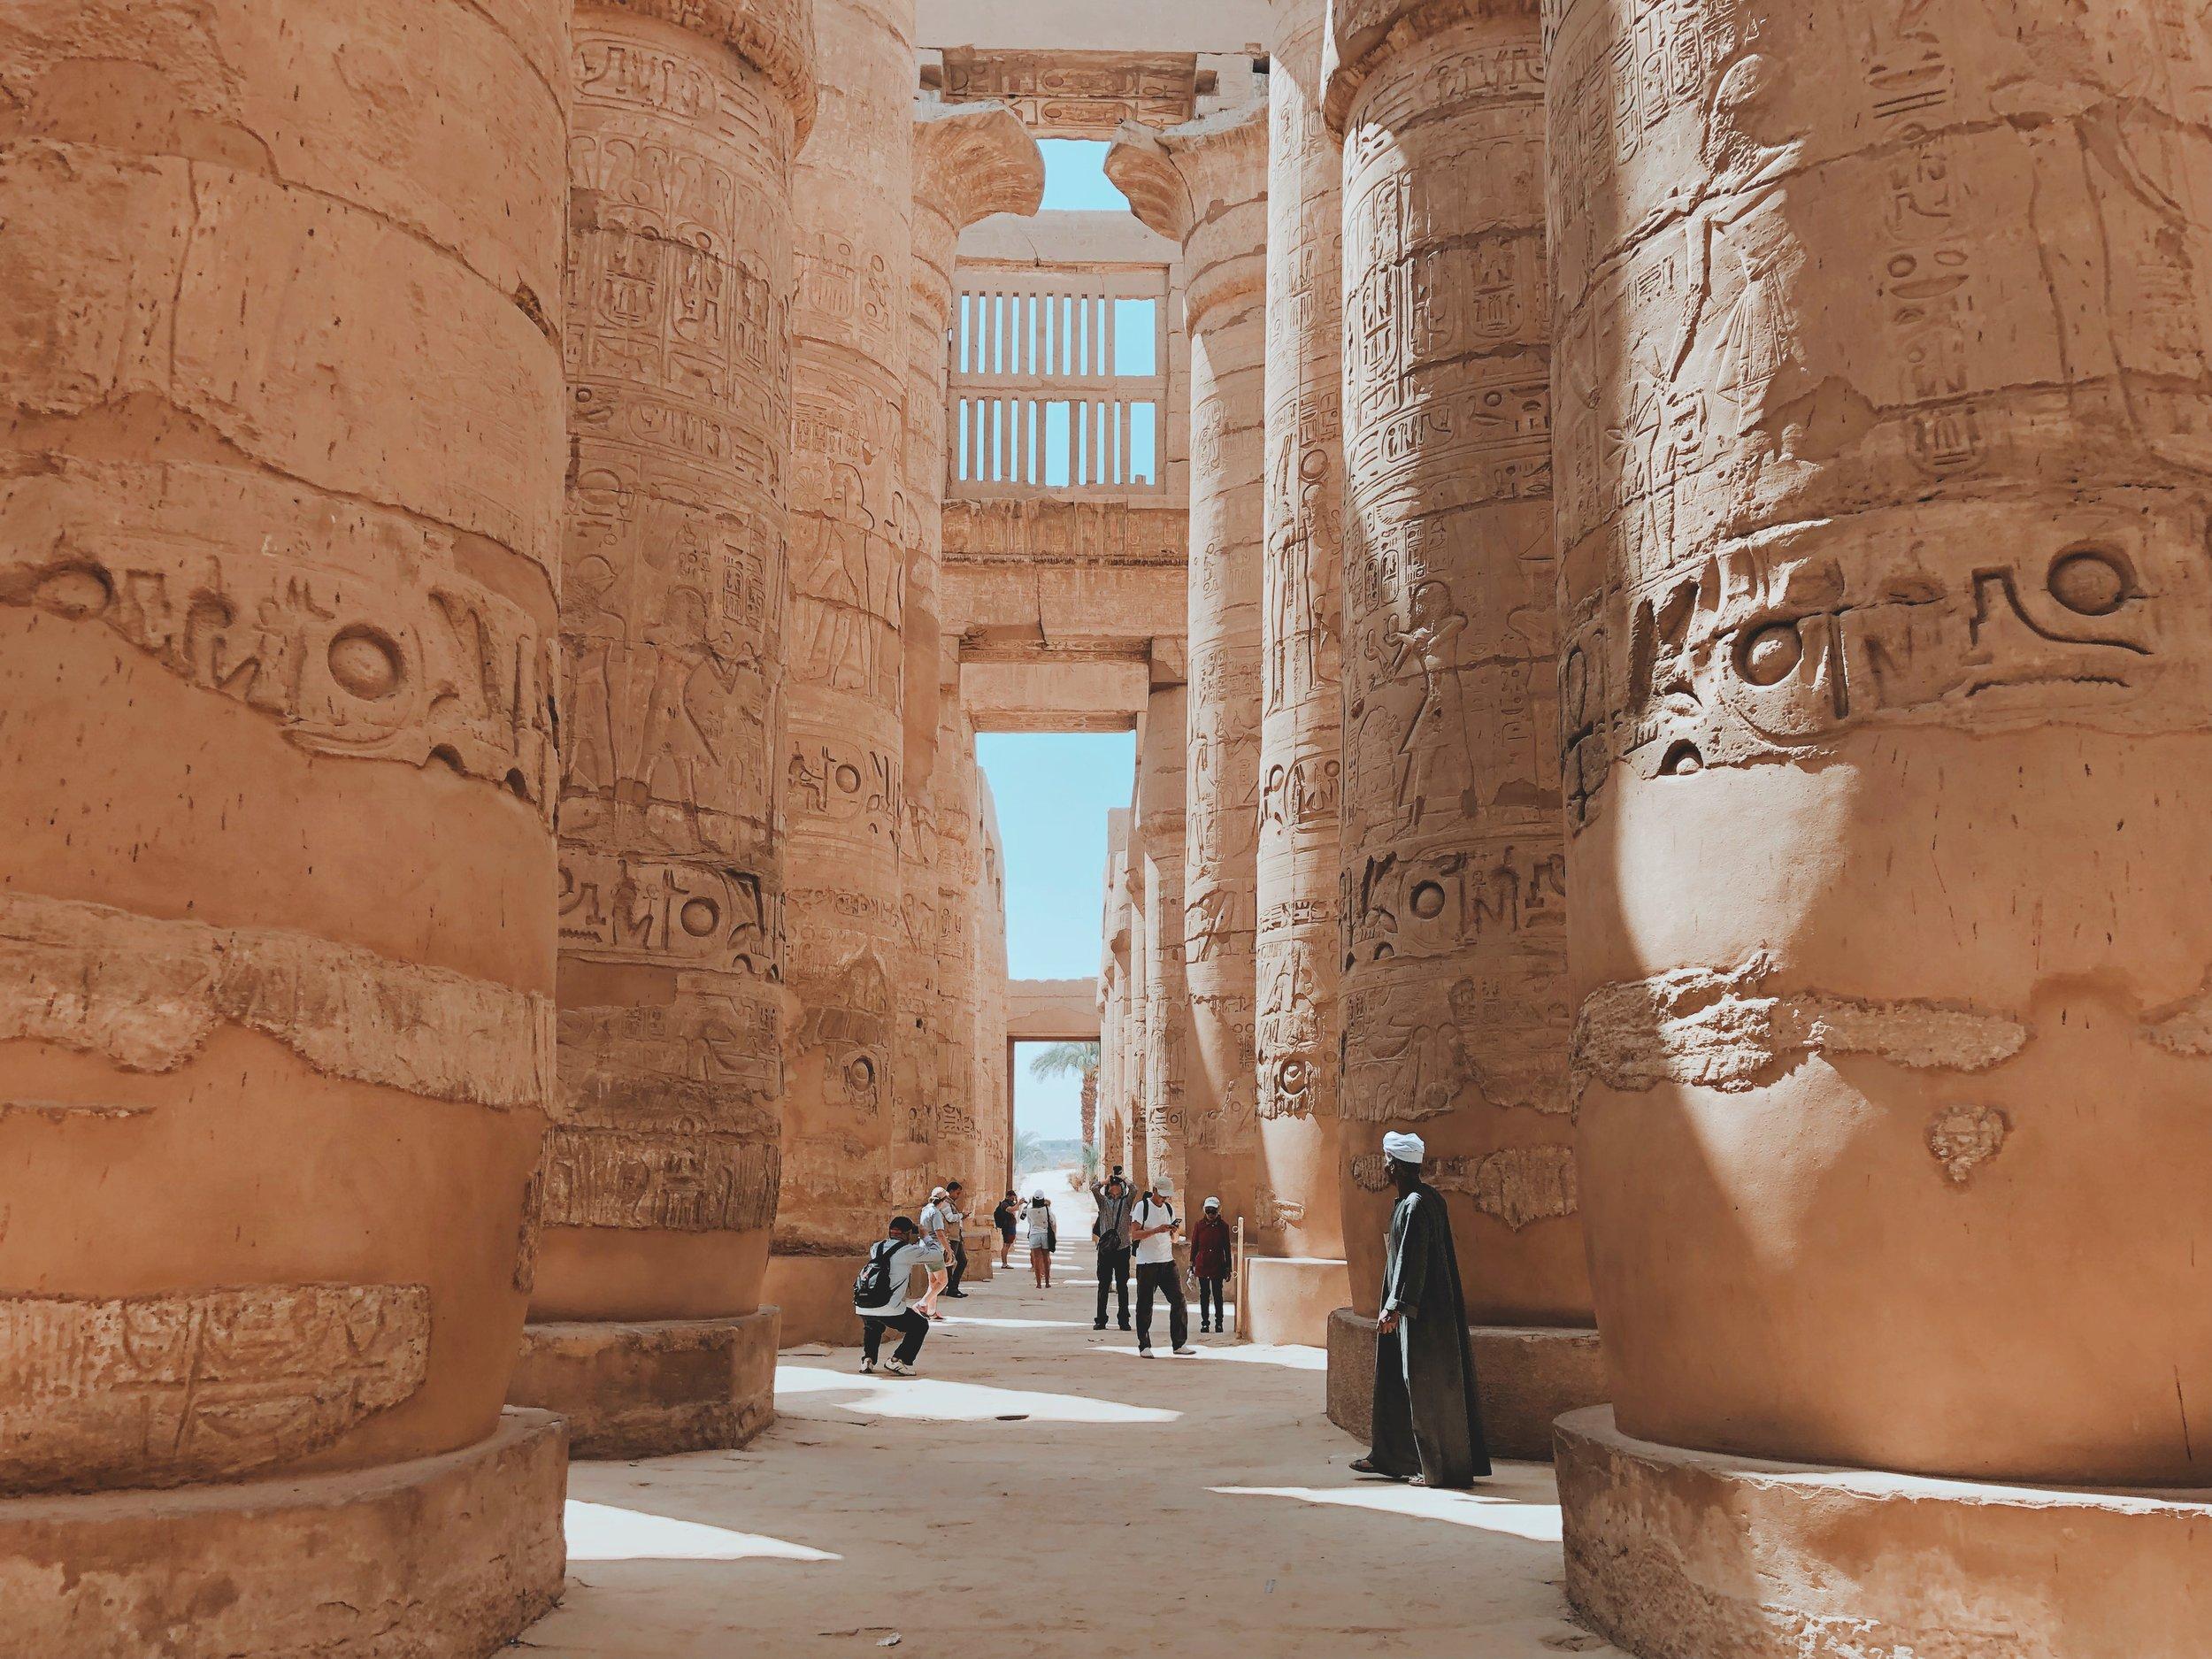 Inside the Karnak Temple in Luxor, Egypt (Photo: Ali Hegazy,  Unsplash )